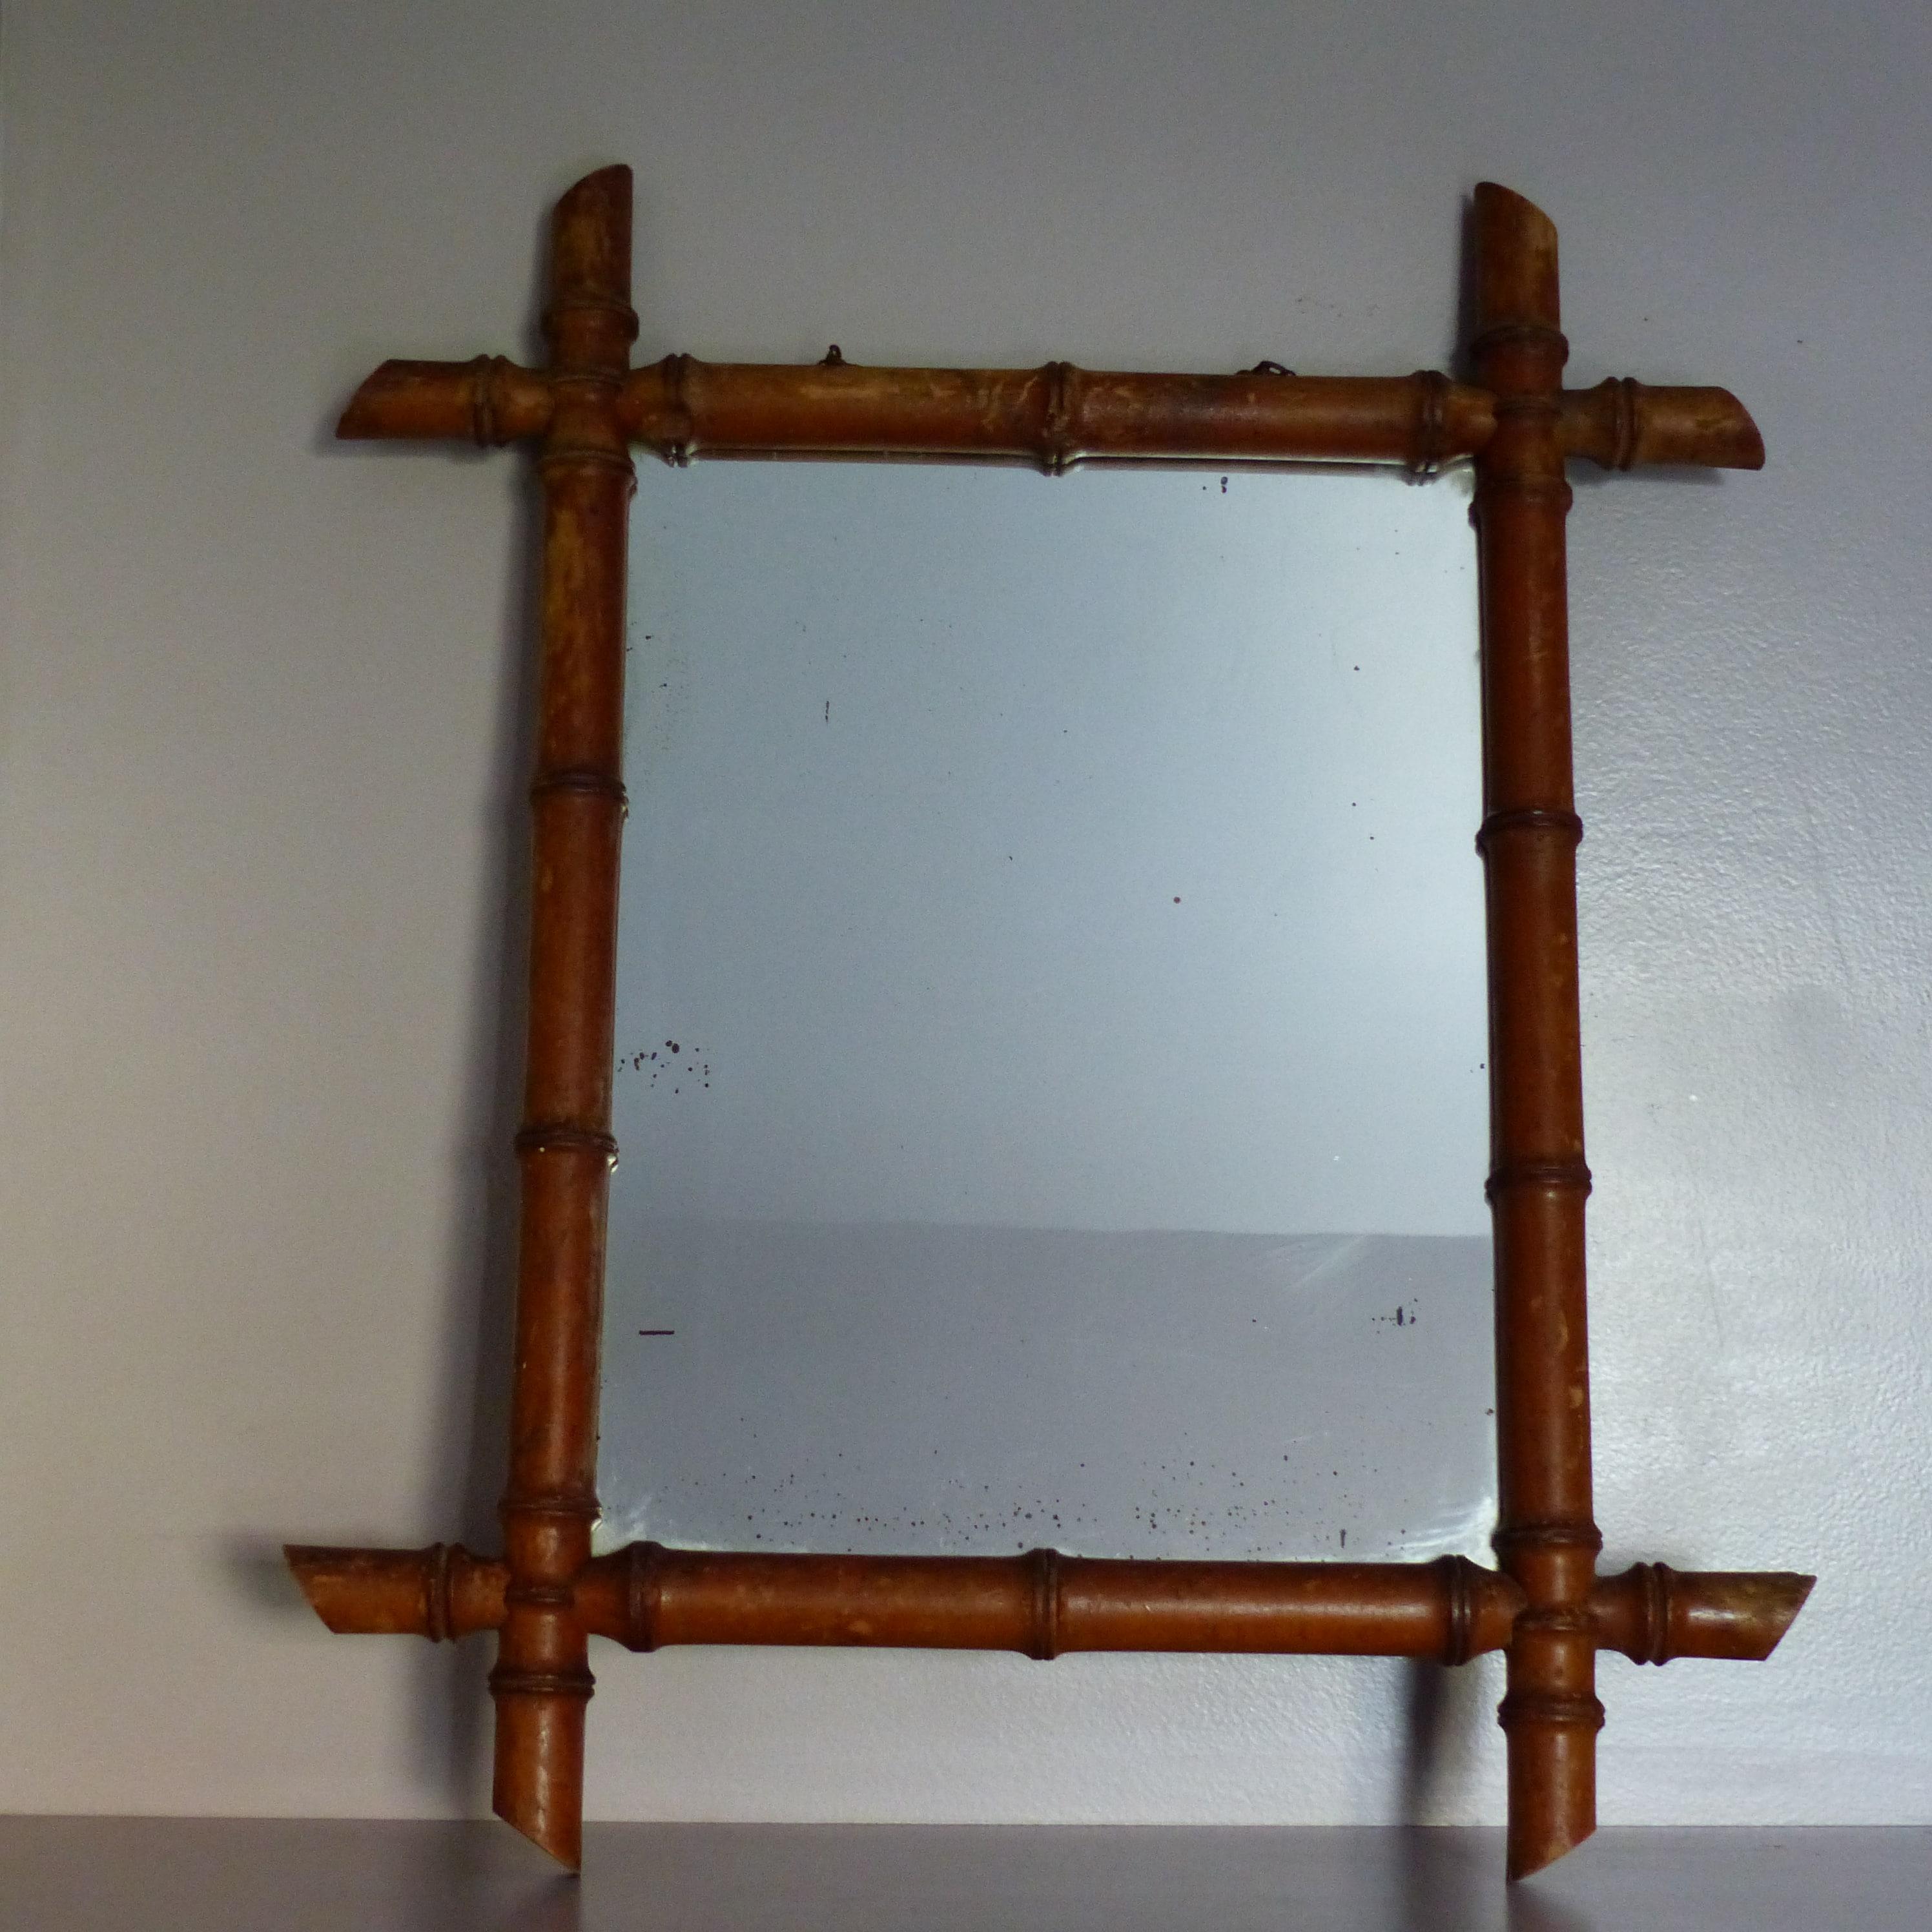 miroir vintage fa on bambou lignedebrocante brocante en. Black Bedroom Furniture Sets. Home Design Ideas